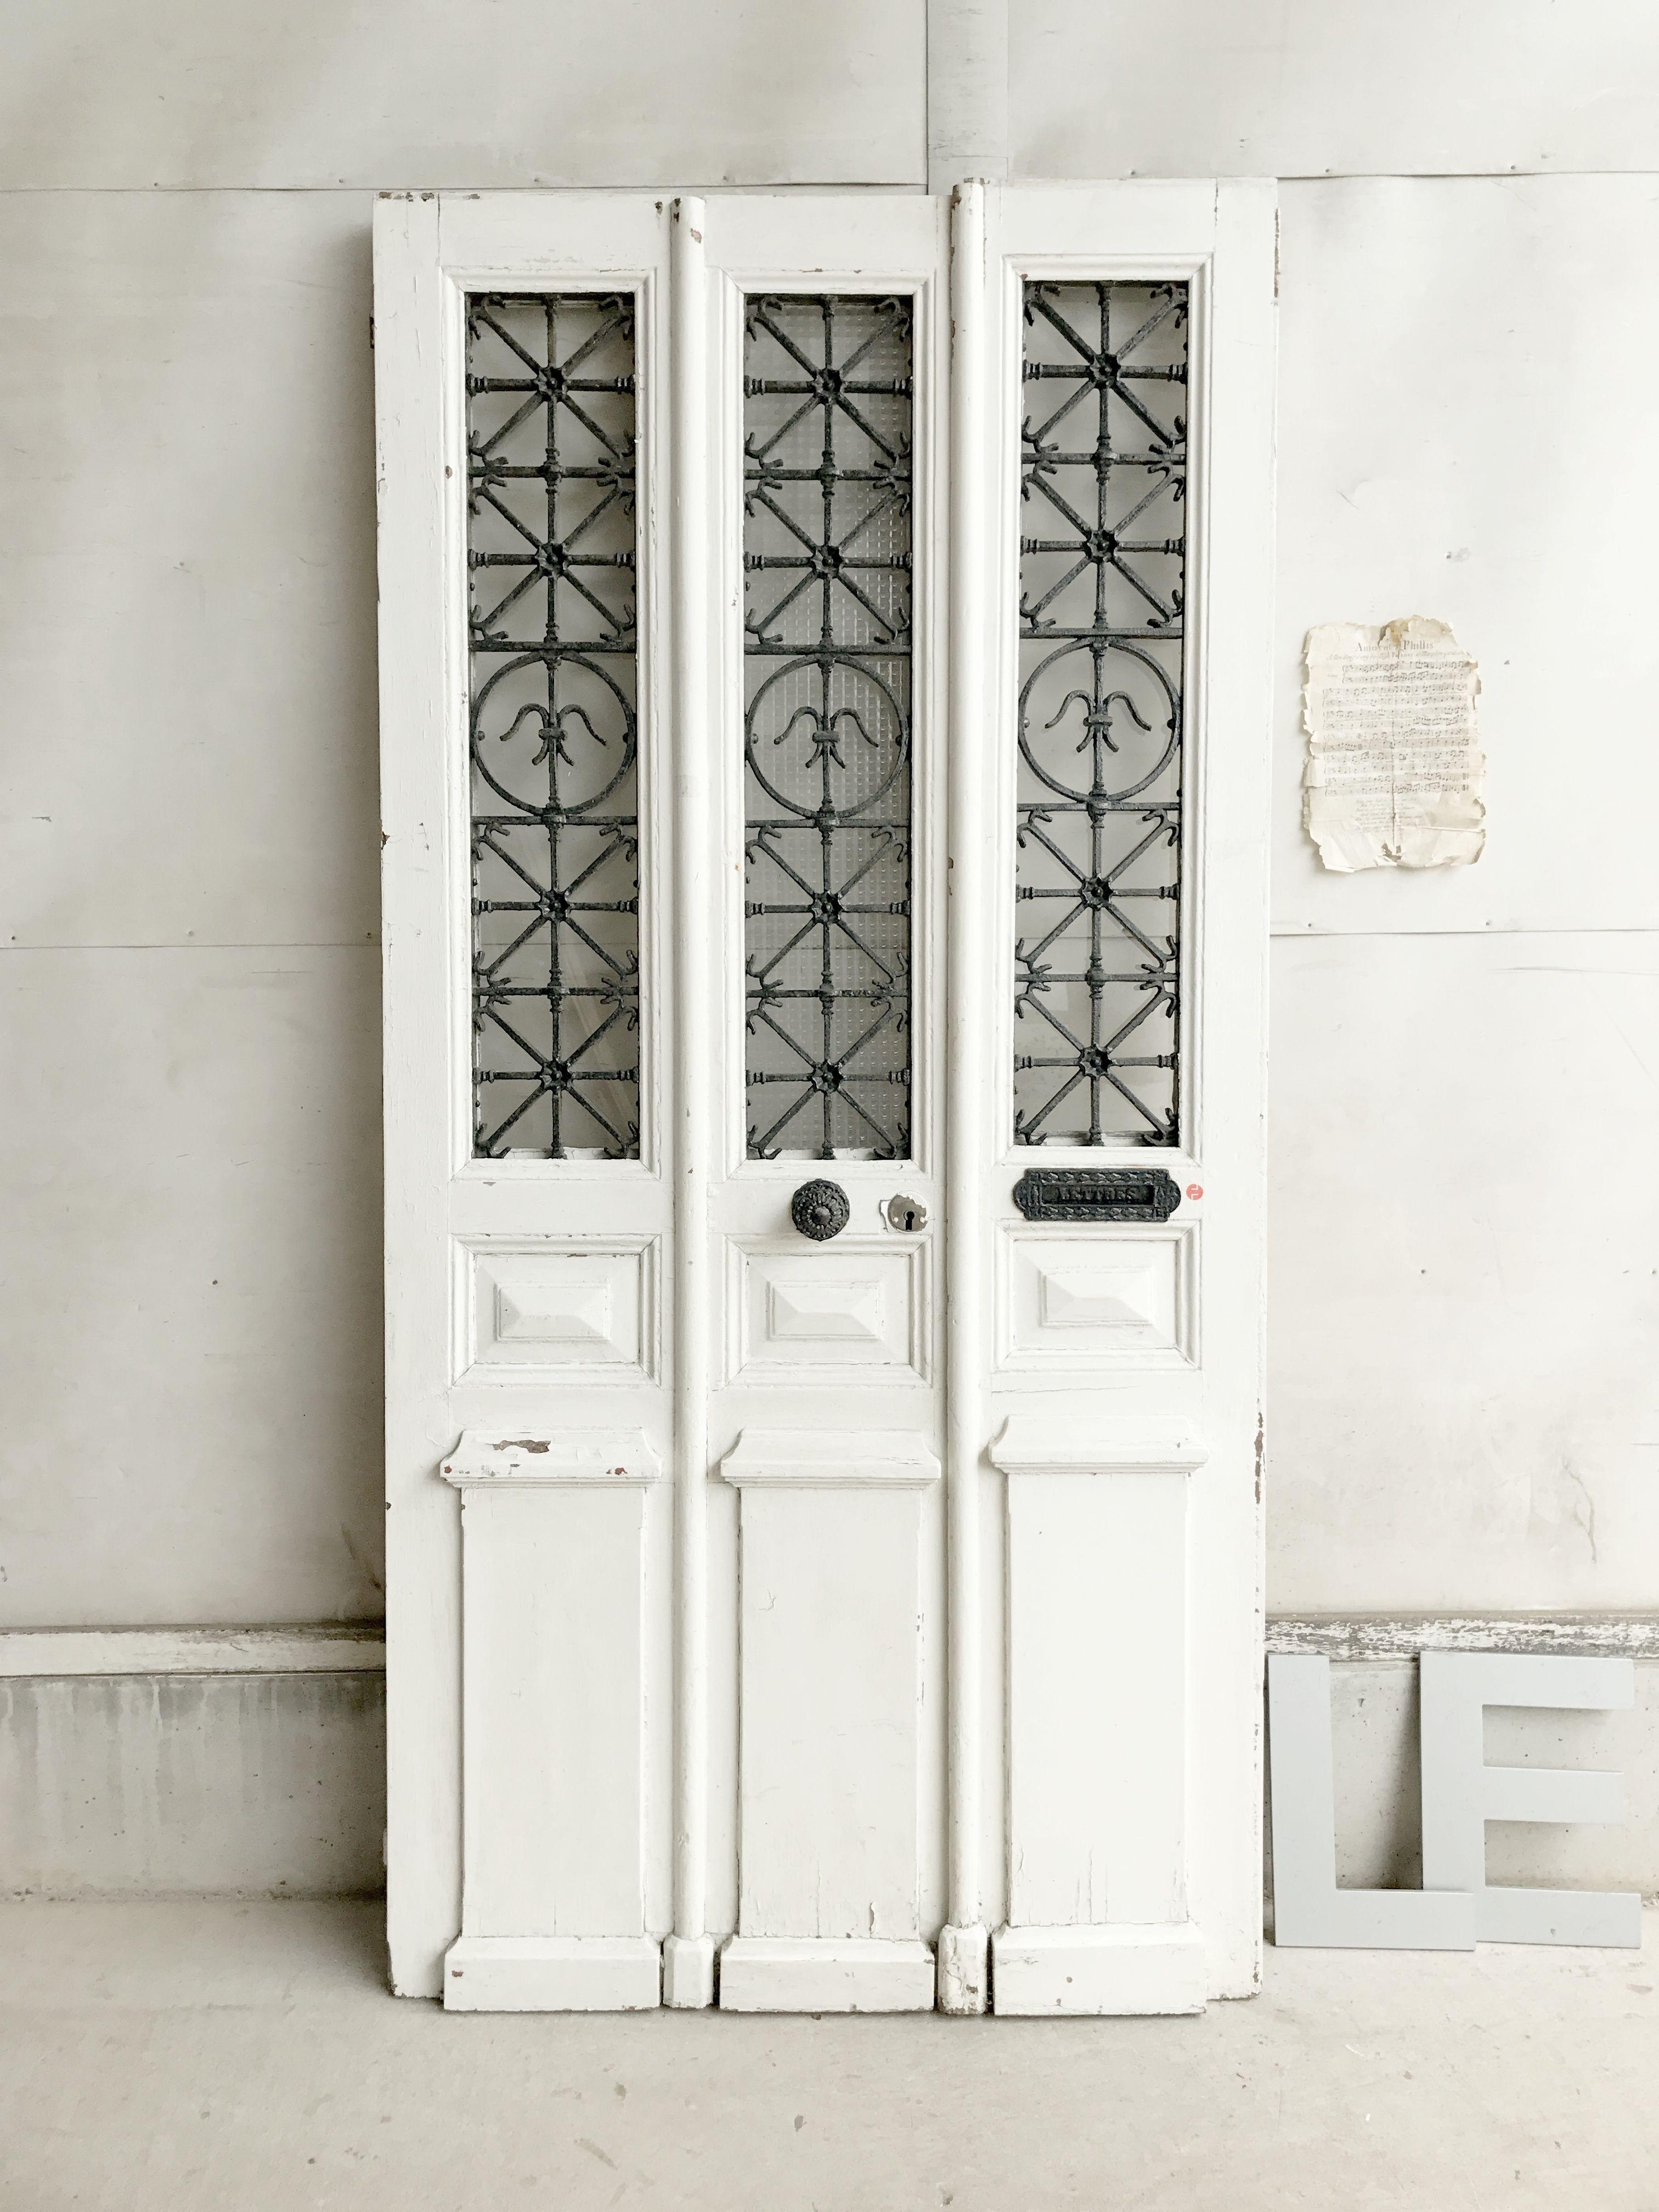 アイアングリルガラスペアドア パディントン アンティーク家具 ドア パディントン アンティーク家具